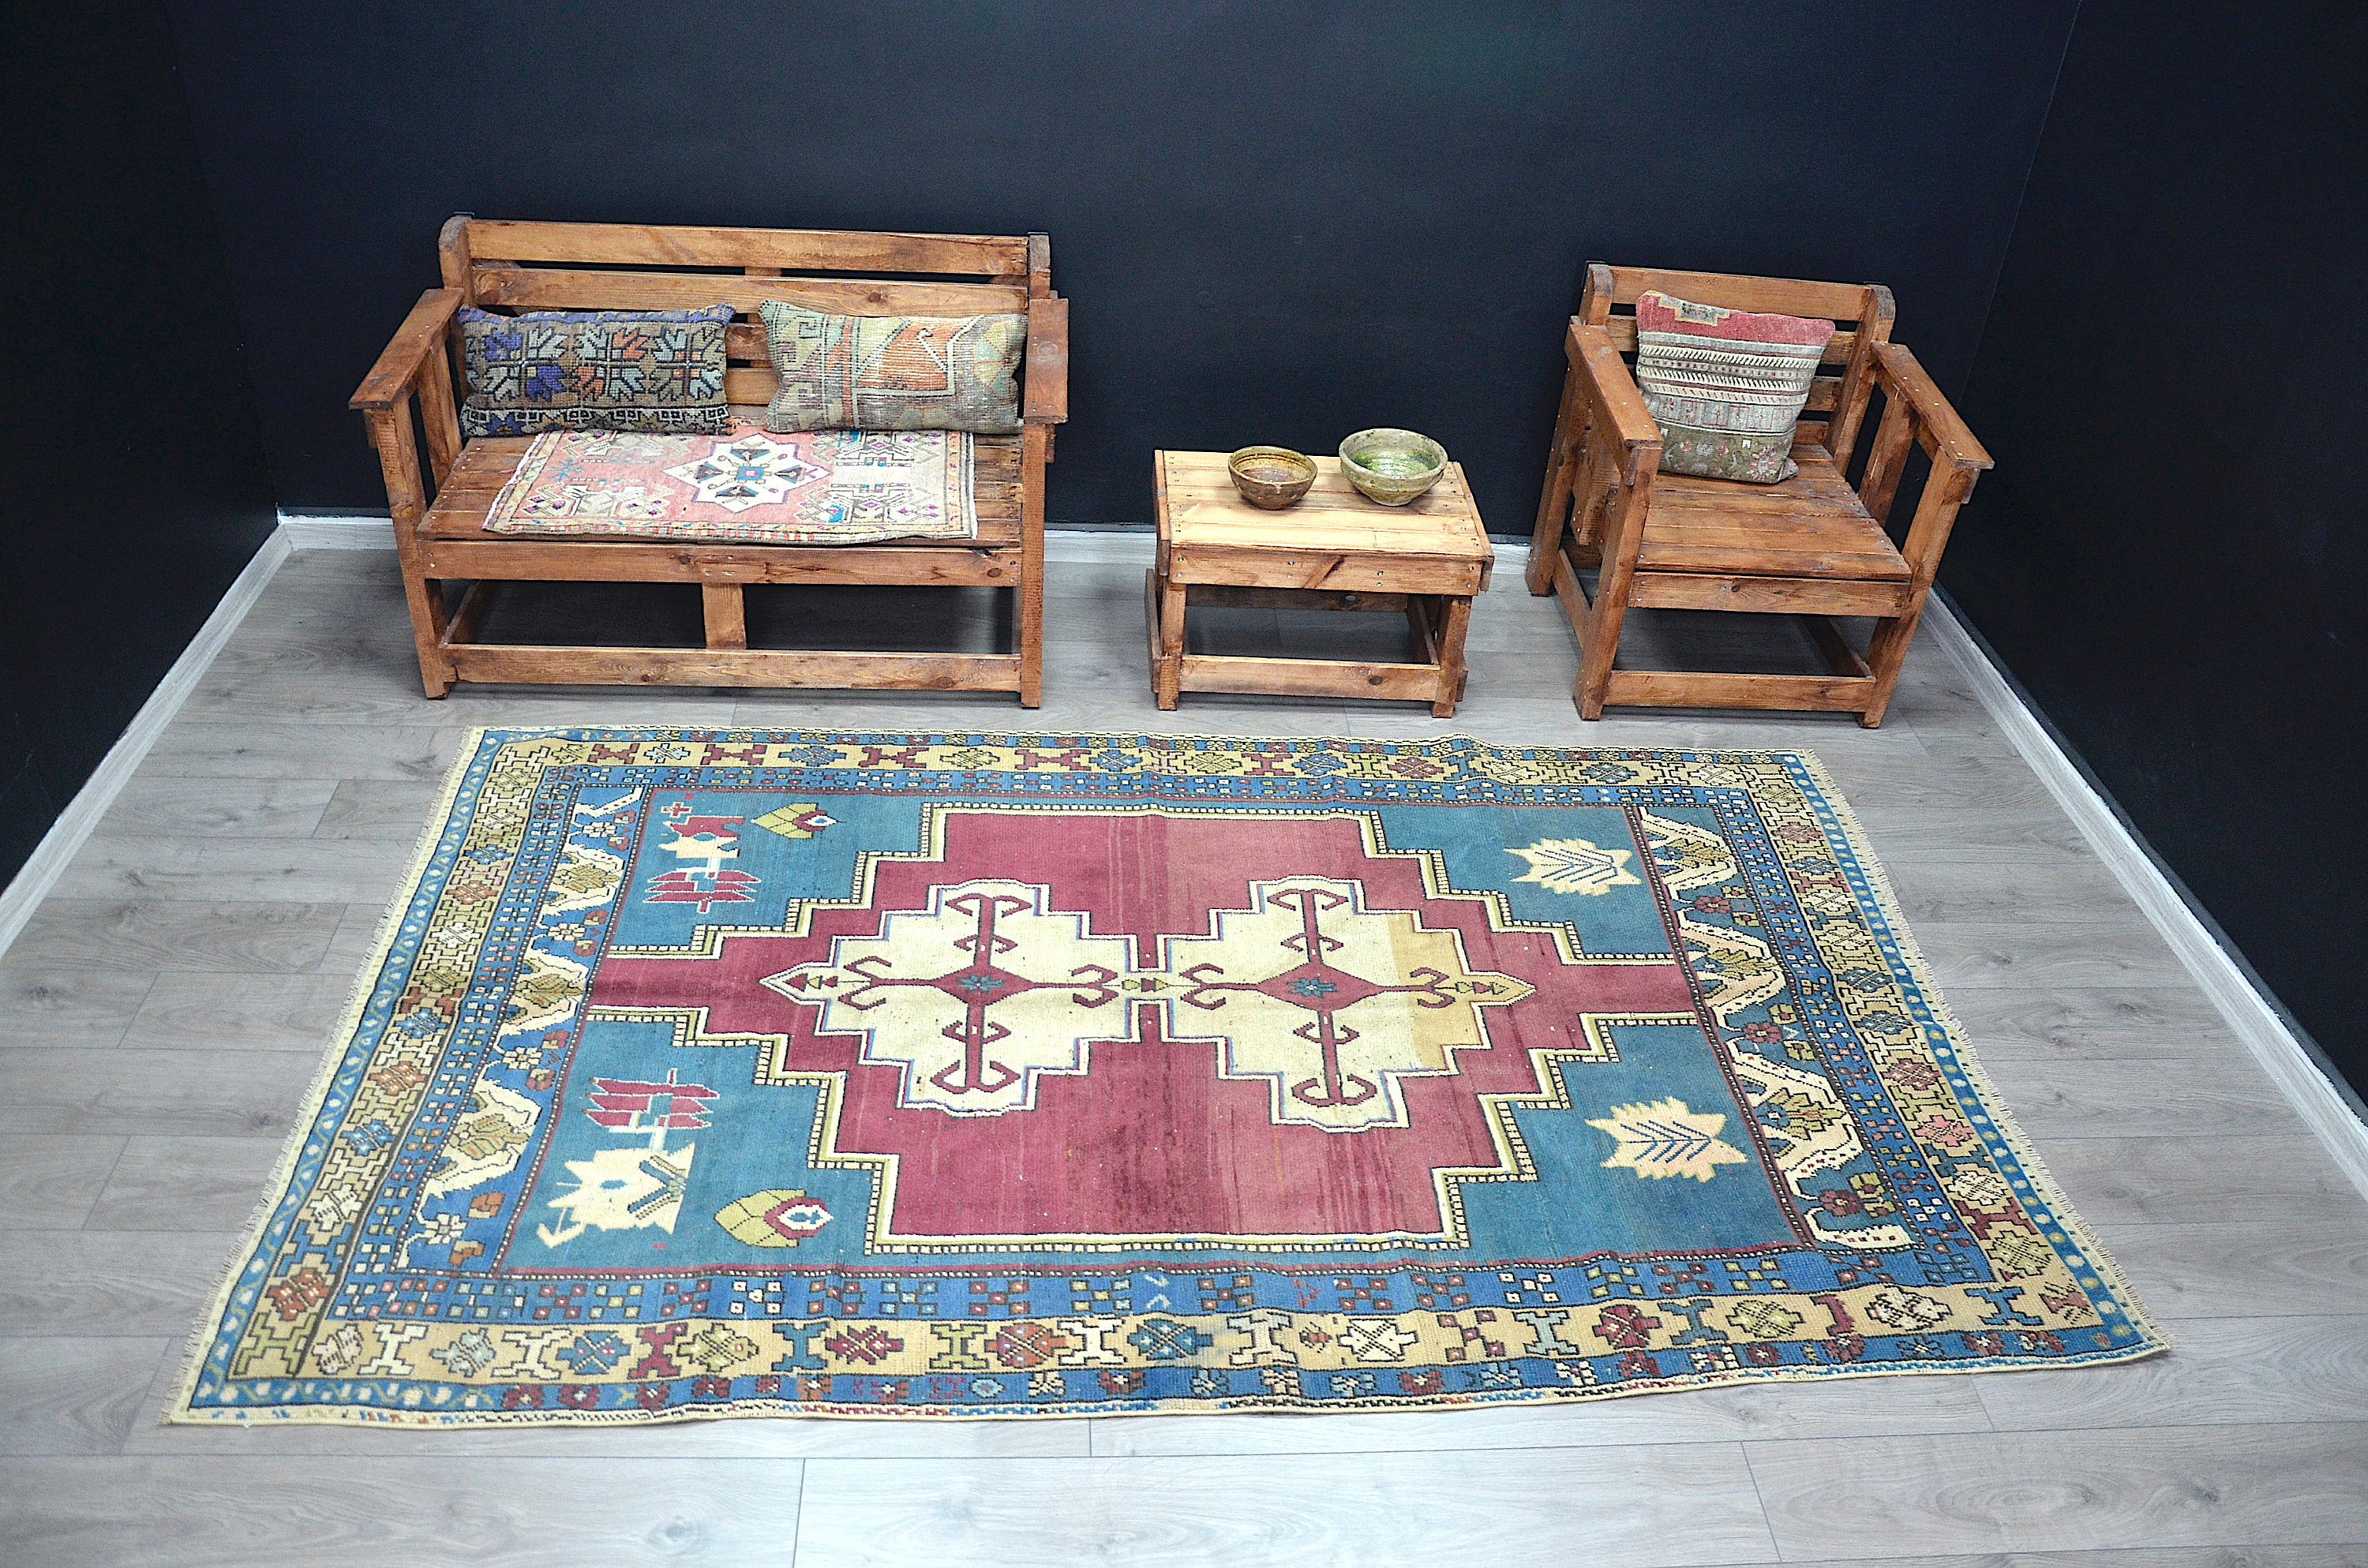 Geschenk für ihn . Türkische Teppich verblasst Teppich | Etsy